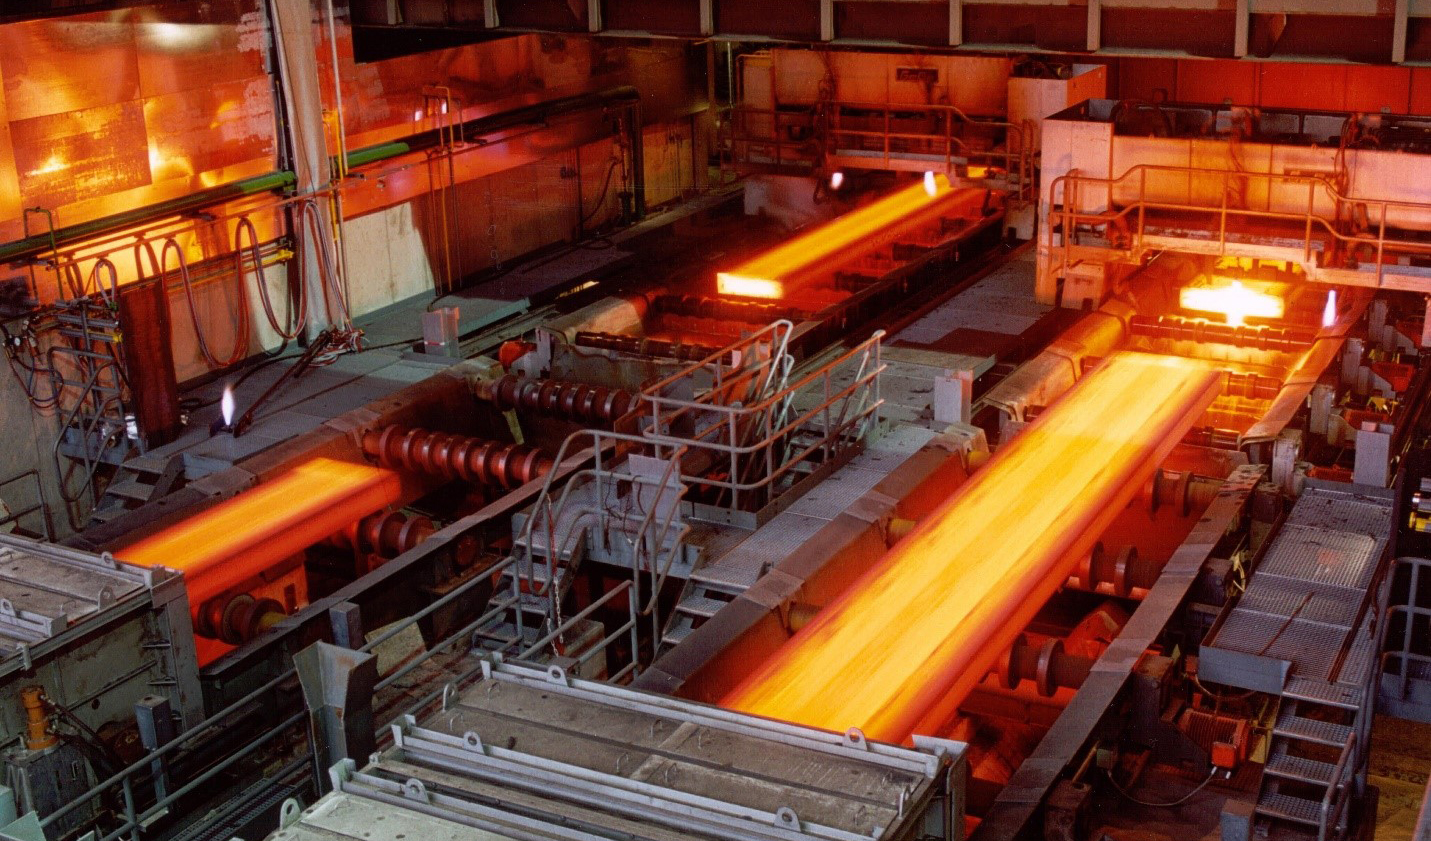 مدیر اجرایی انجمن تولیدکنندگان فولاد: شرط ارزانی محصولات فولادی عرضه کامل در بورس کالا است